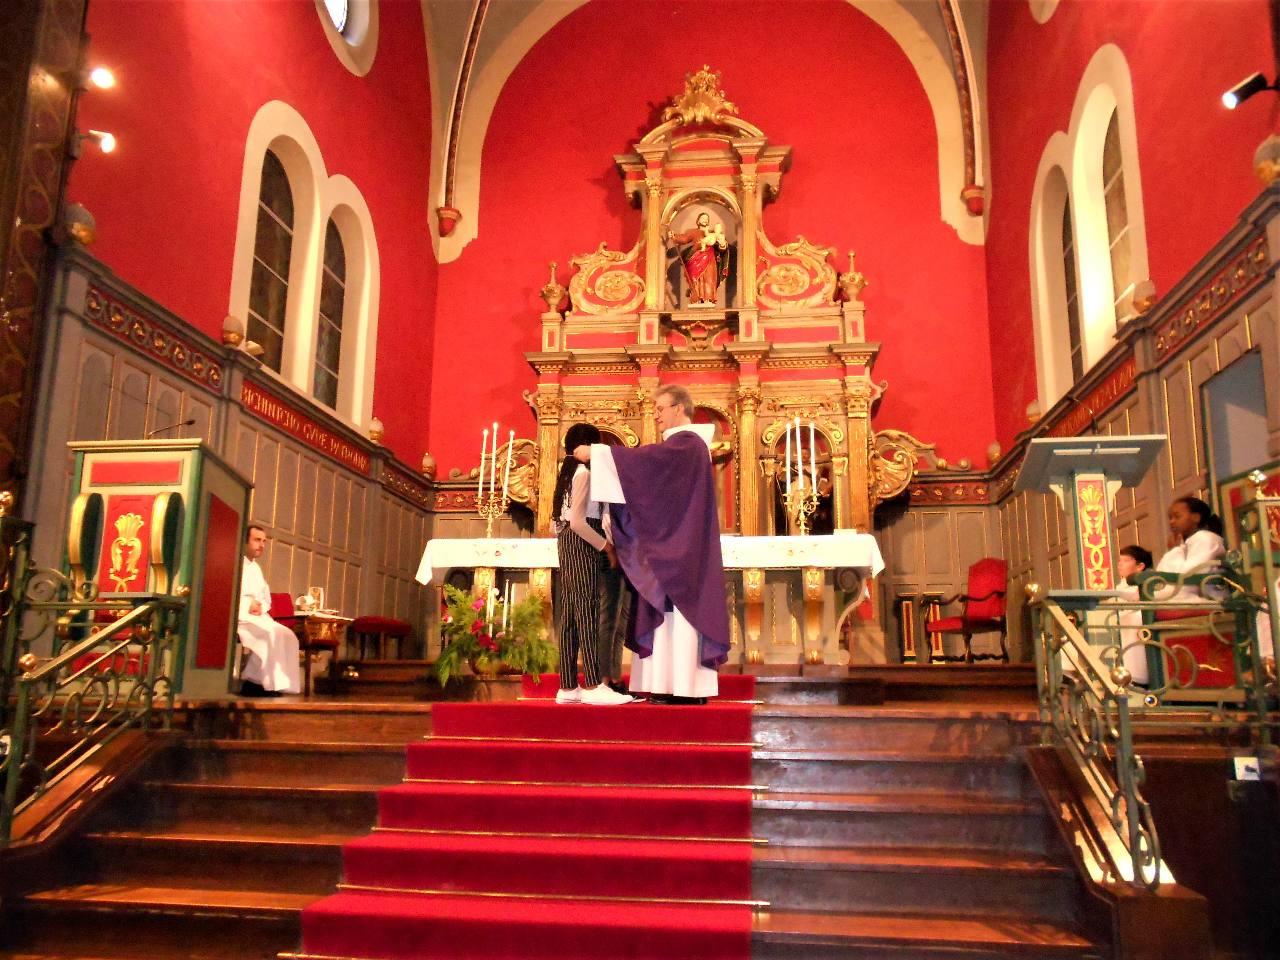 Ryanna reçoit la Croix de Jésus